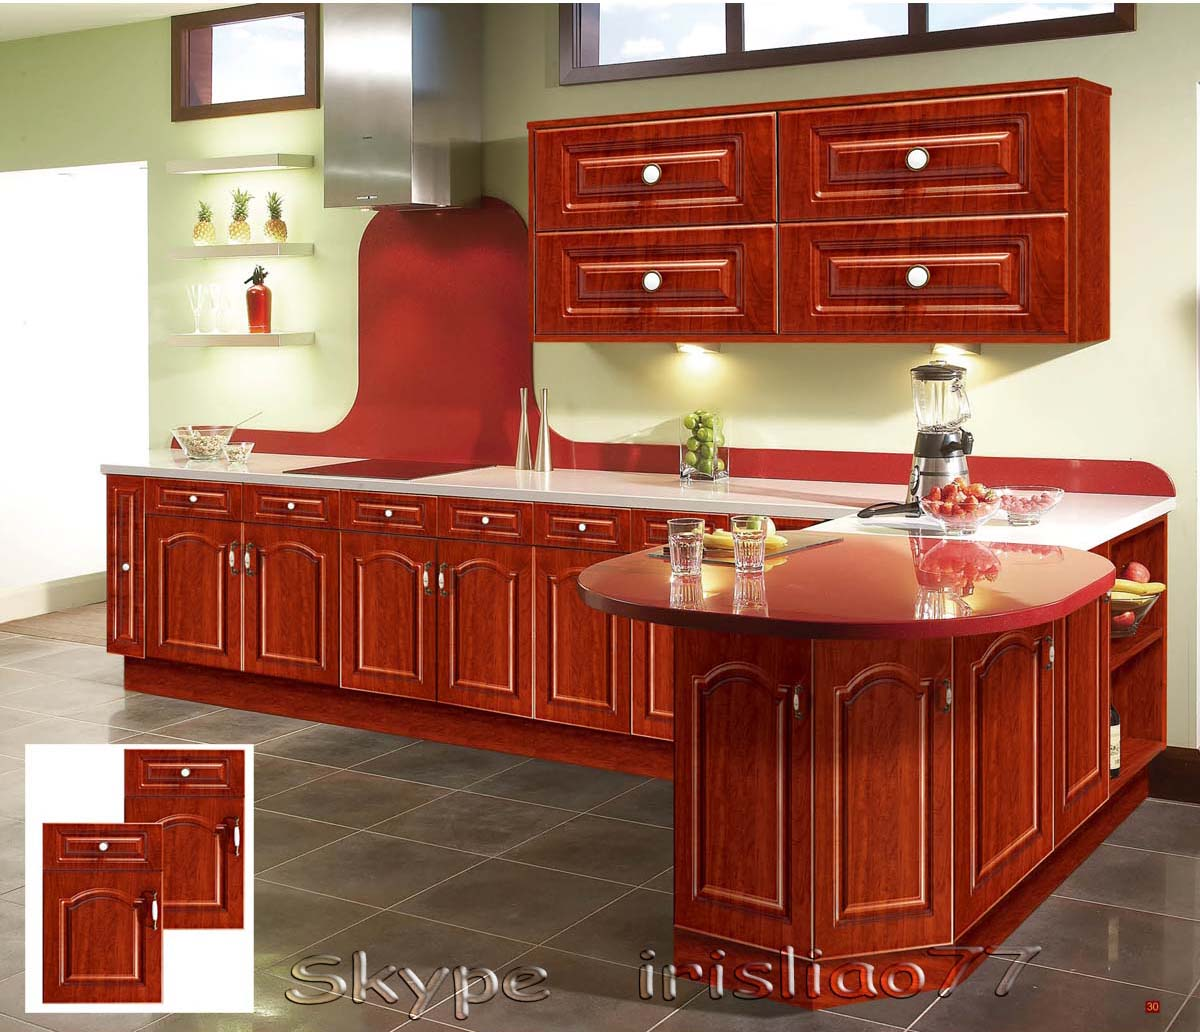 armário de cozinha em madeira maciça Armário de cozinha Madeira  #7E2817 1200x1032